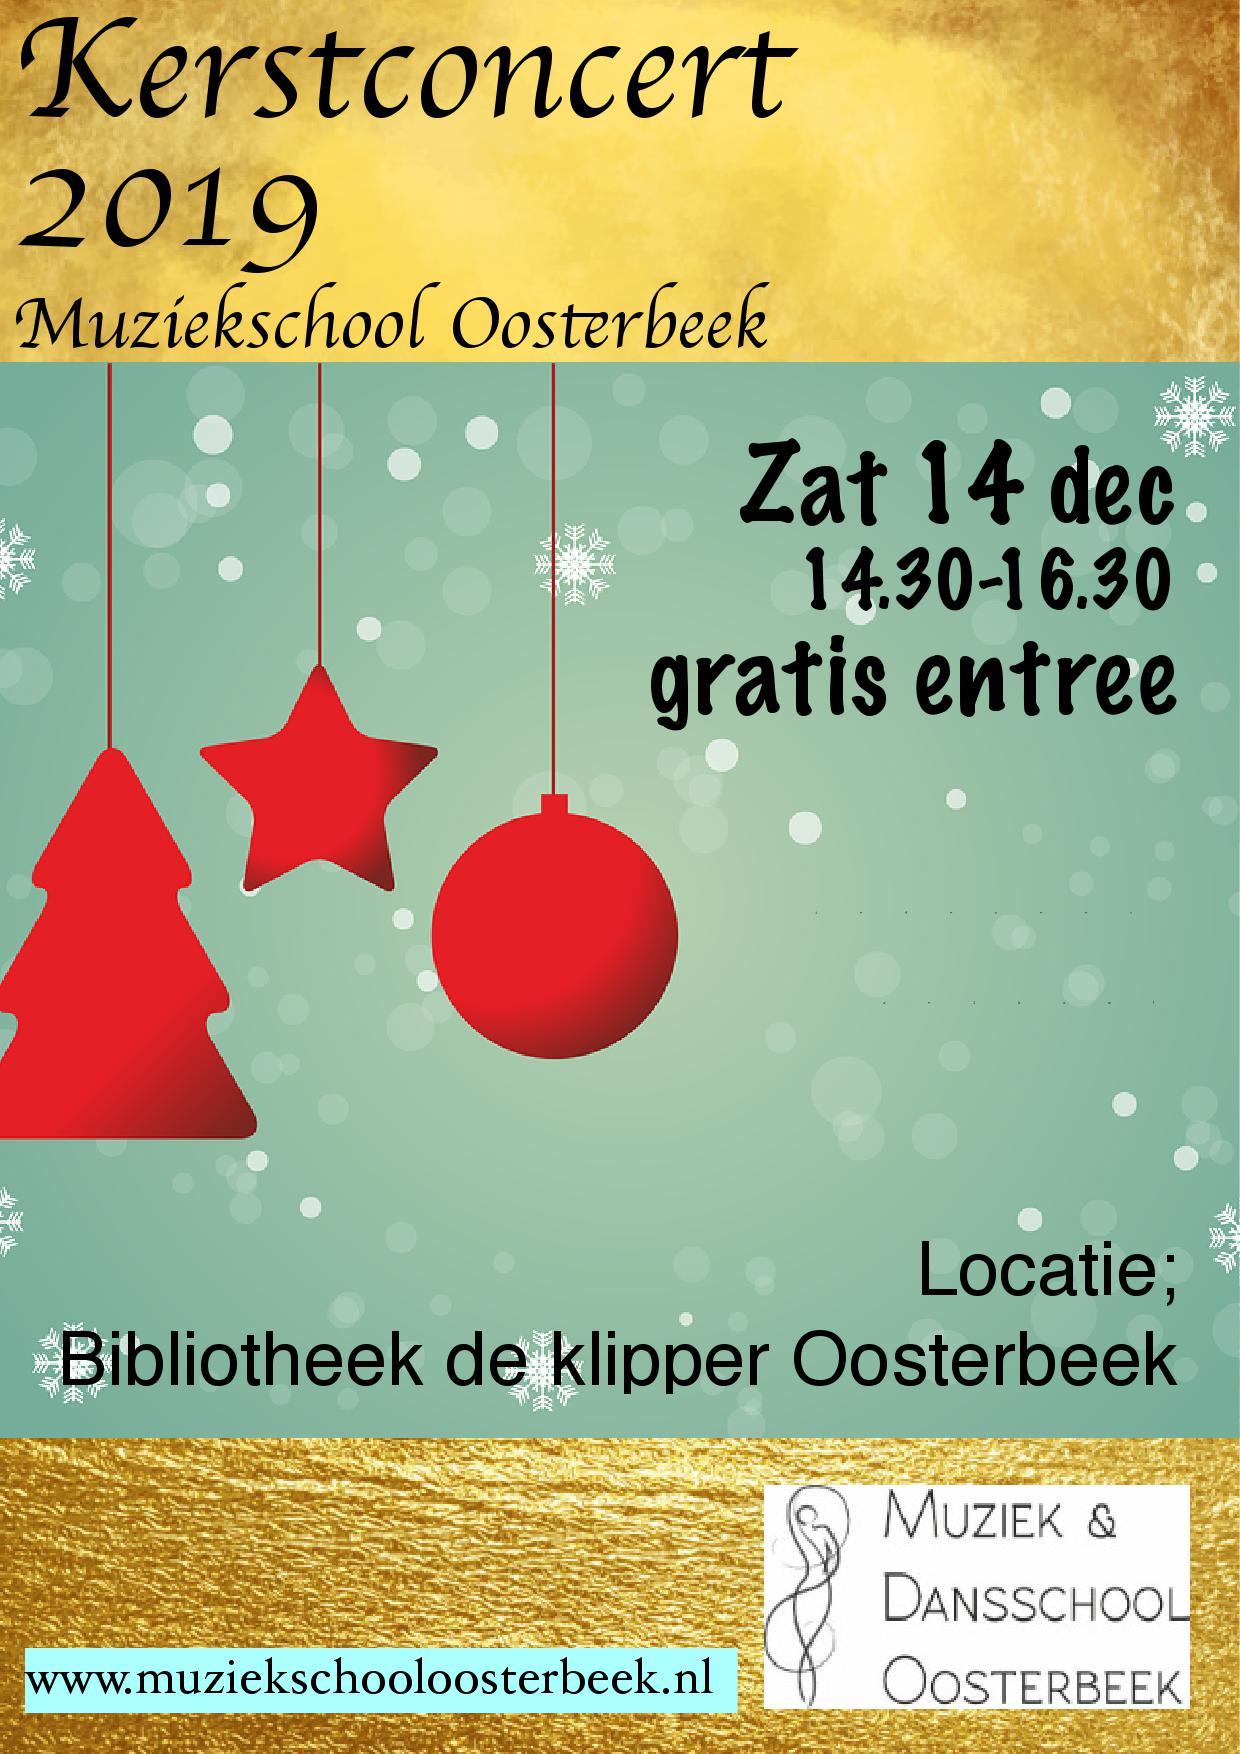 muziekschool oosterbeek kerstconcert